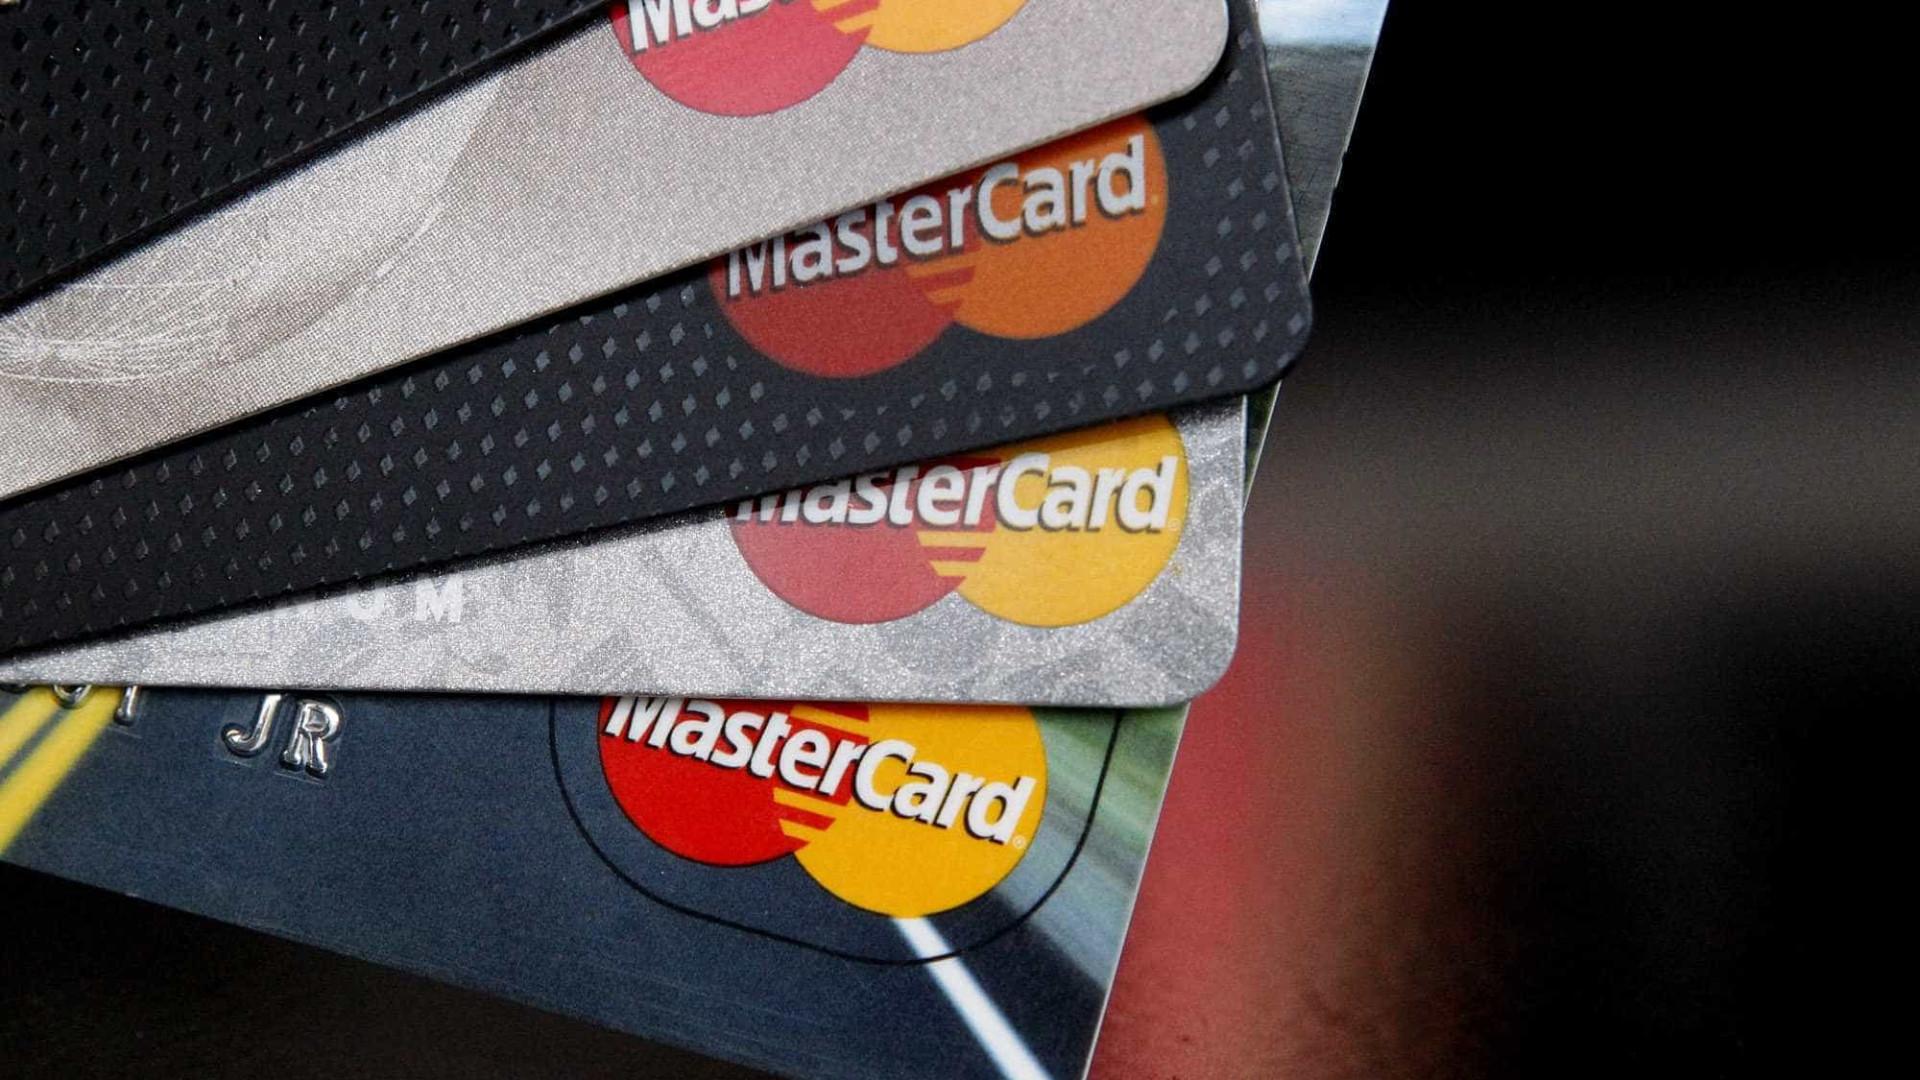 Mastercard quer crescer acima do mercado de cartões e manter liderança